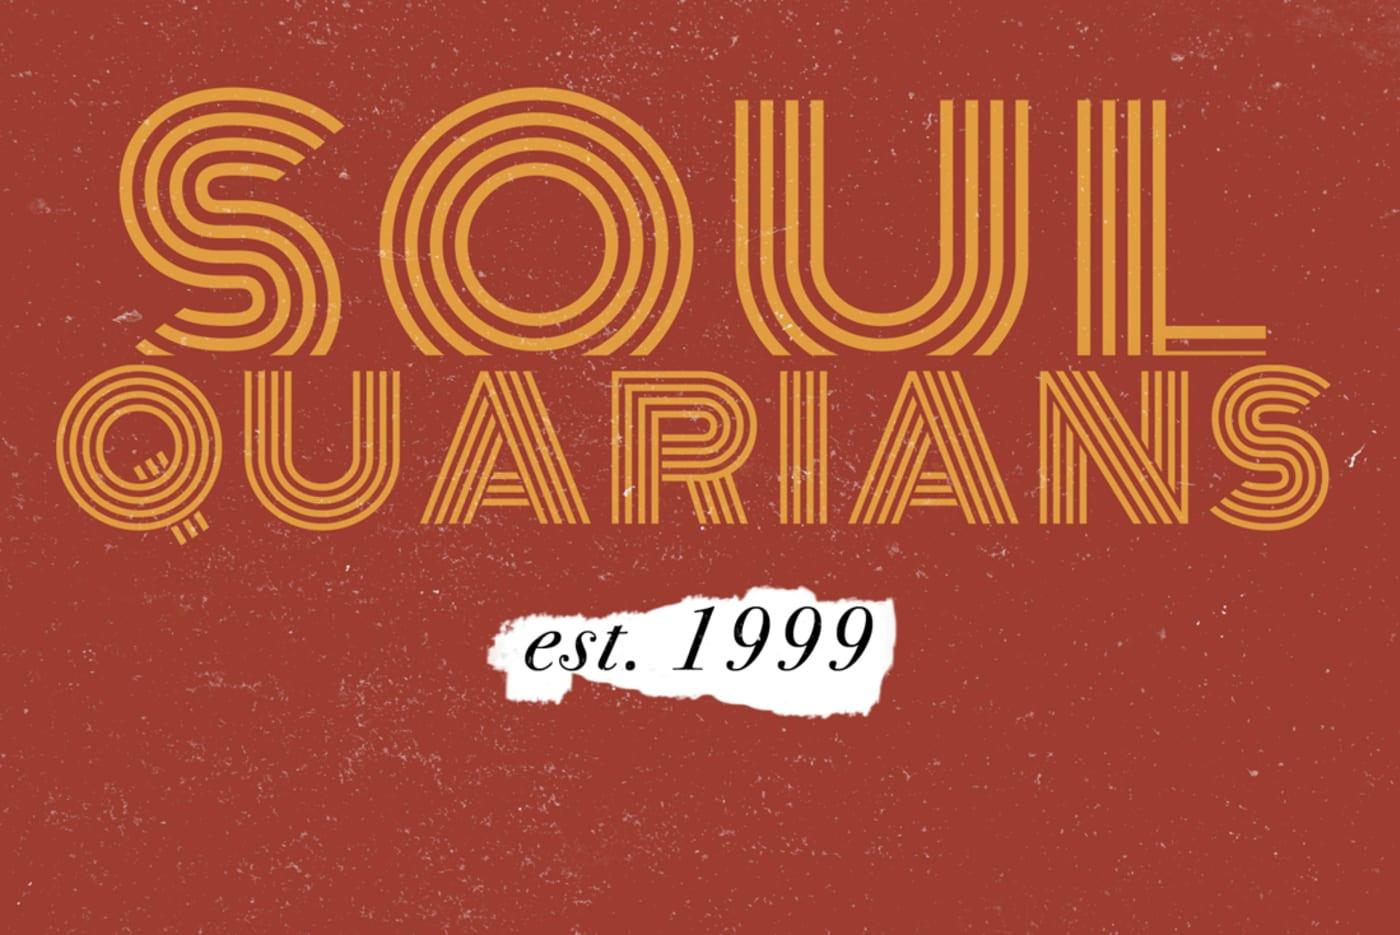 Soulquarians